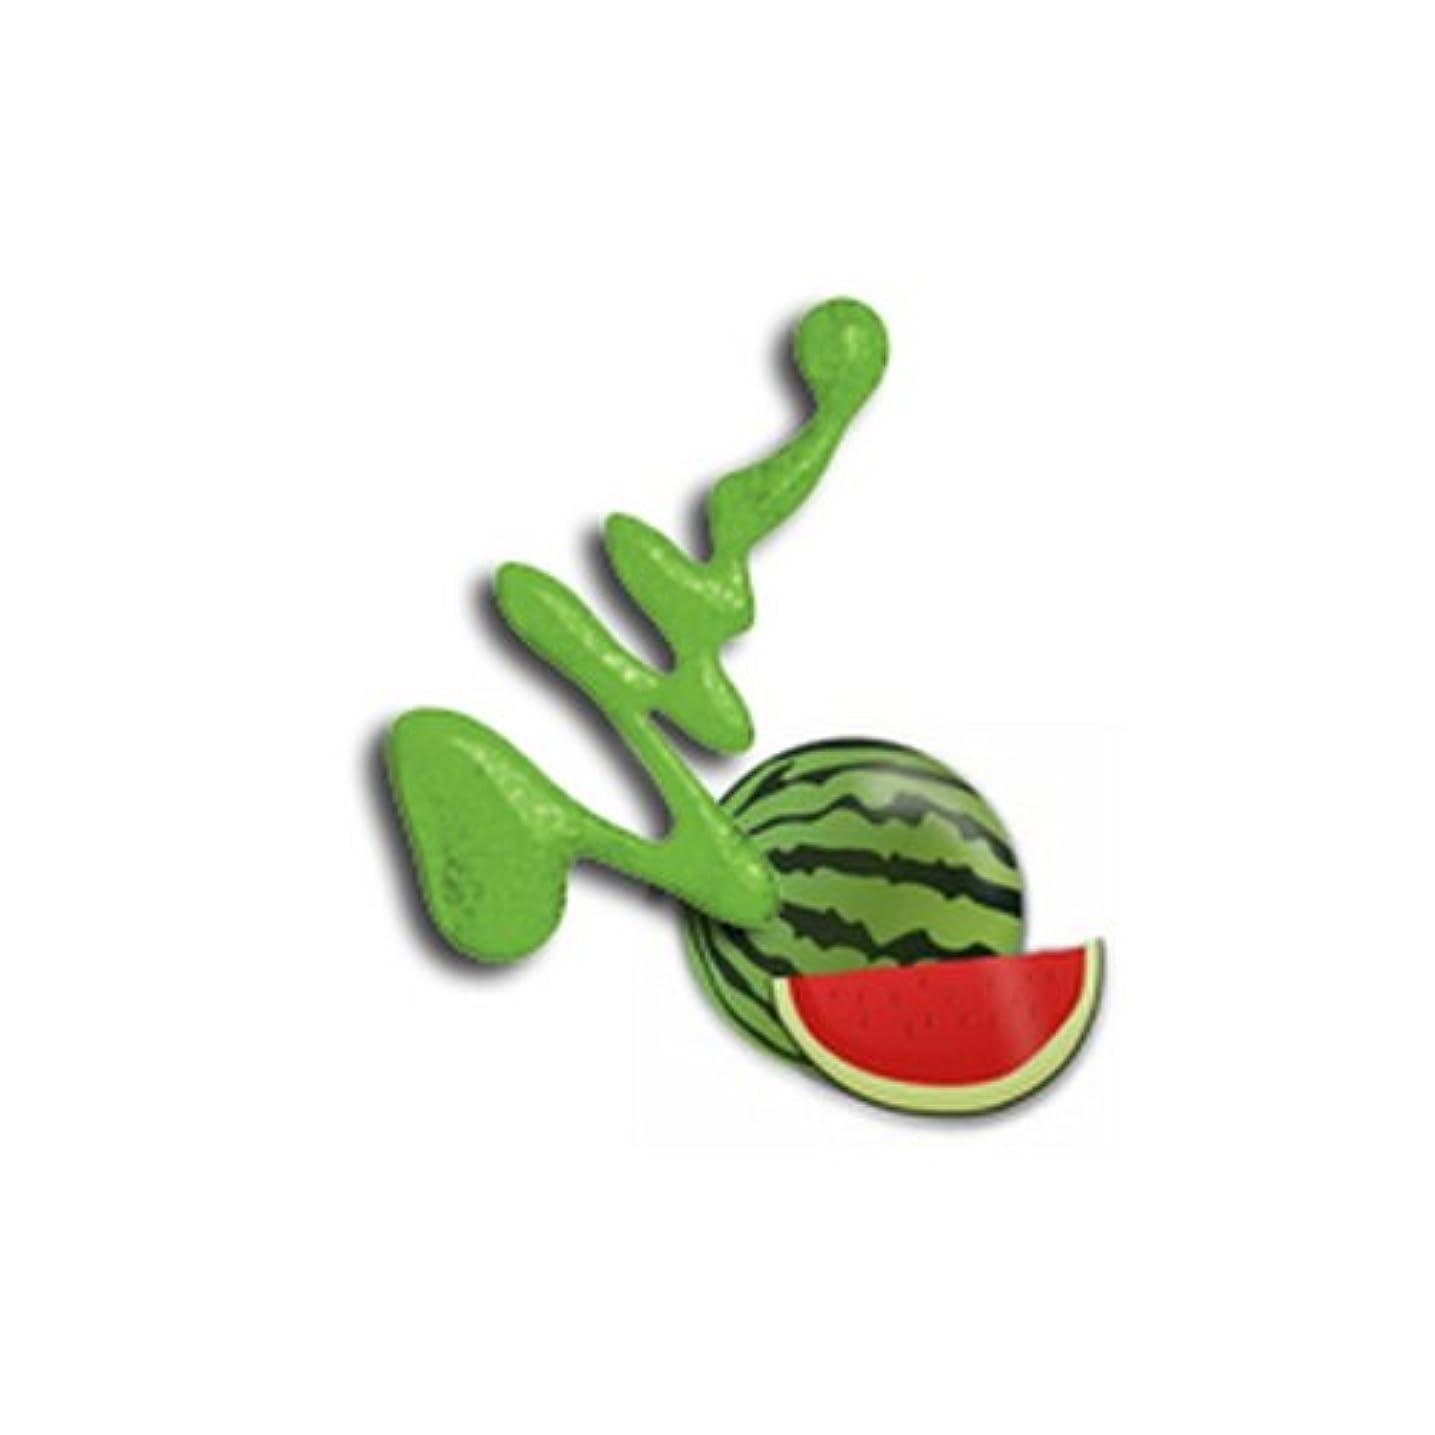 年齢有毒つづり(3 Pack) LA GIRL Fruity Scented Nail Polish - Watermelon Splash (並行輸入品)